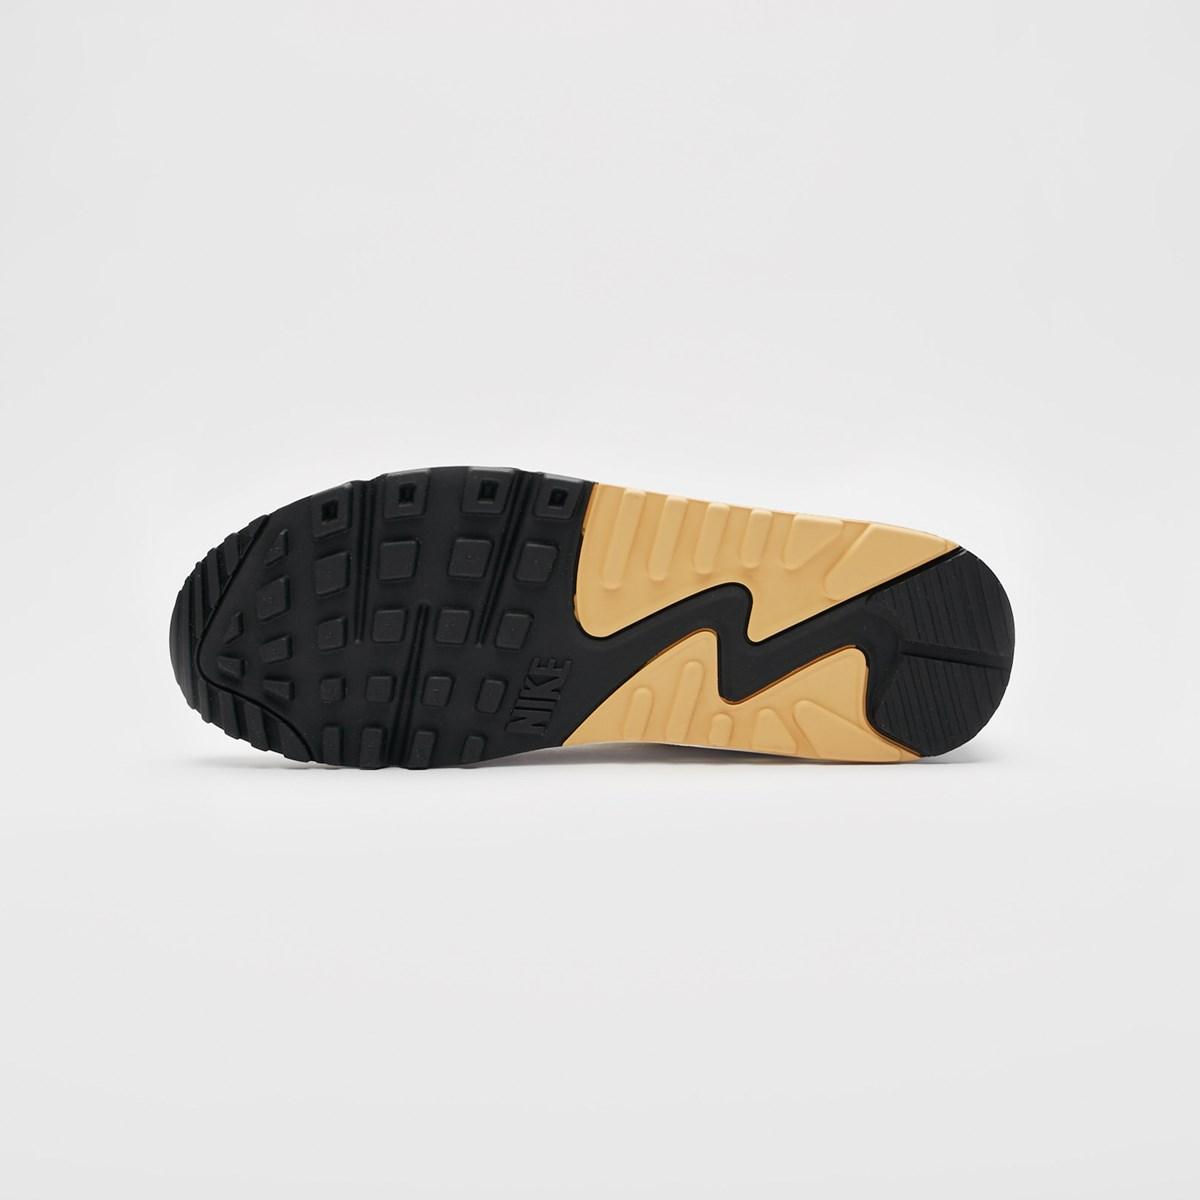 best quality 60c3d e267e Nike Air Max 90 1 - Aj7695-102 - Sneakersnstuff   sneakers   streetwear  online since 1999